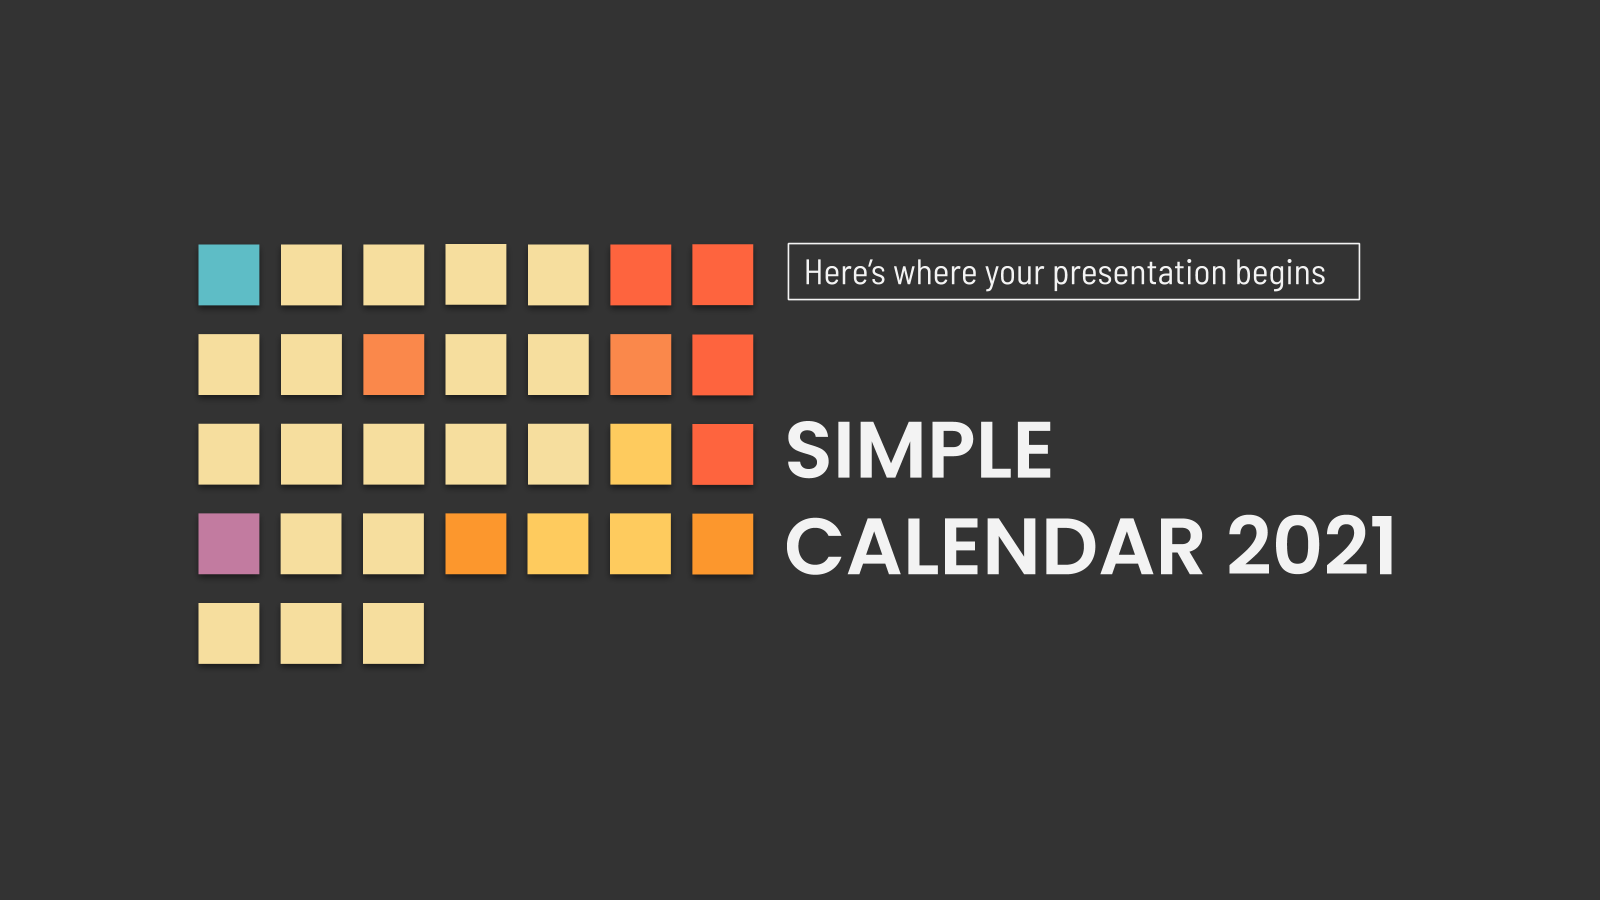 Simple Calendar 2021 presentation template